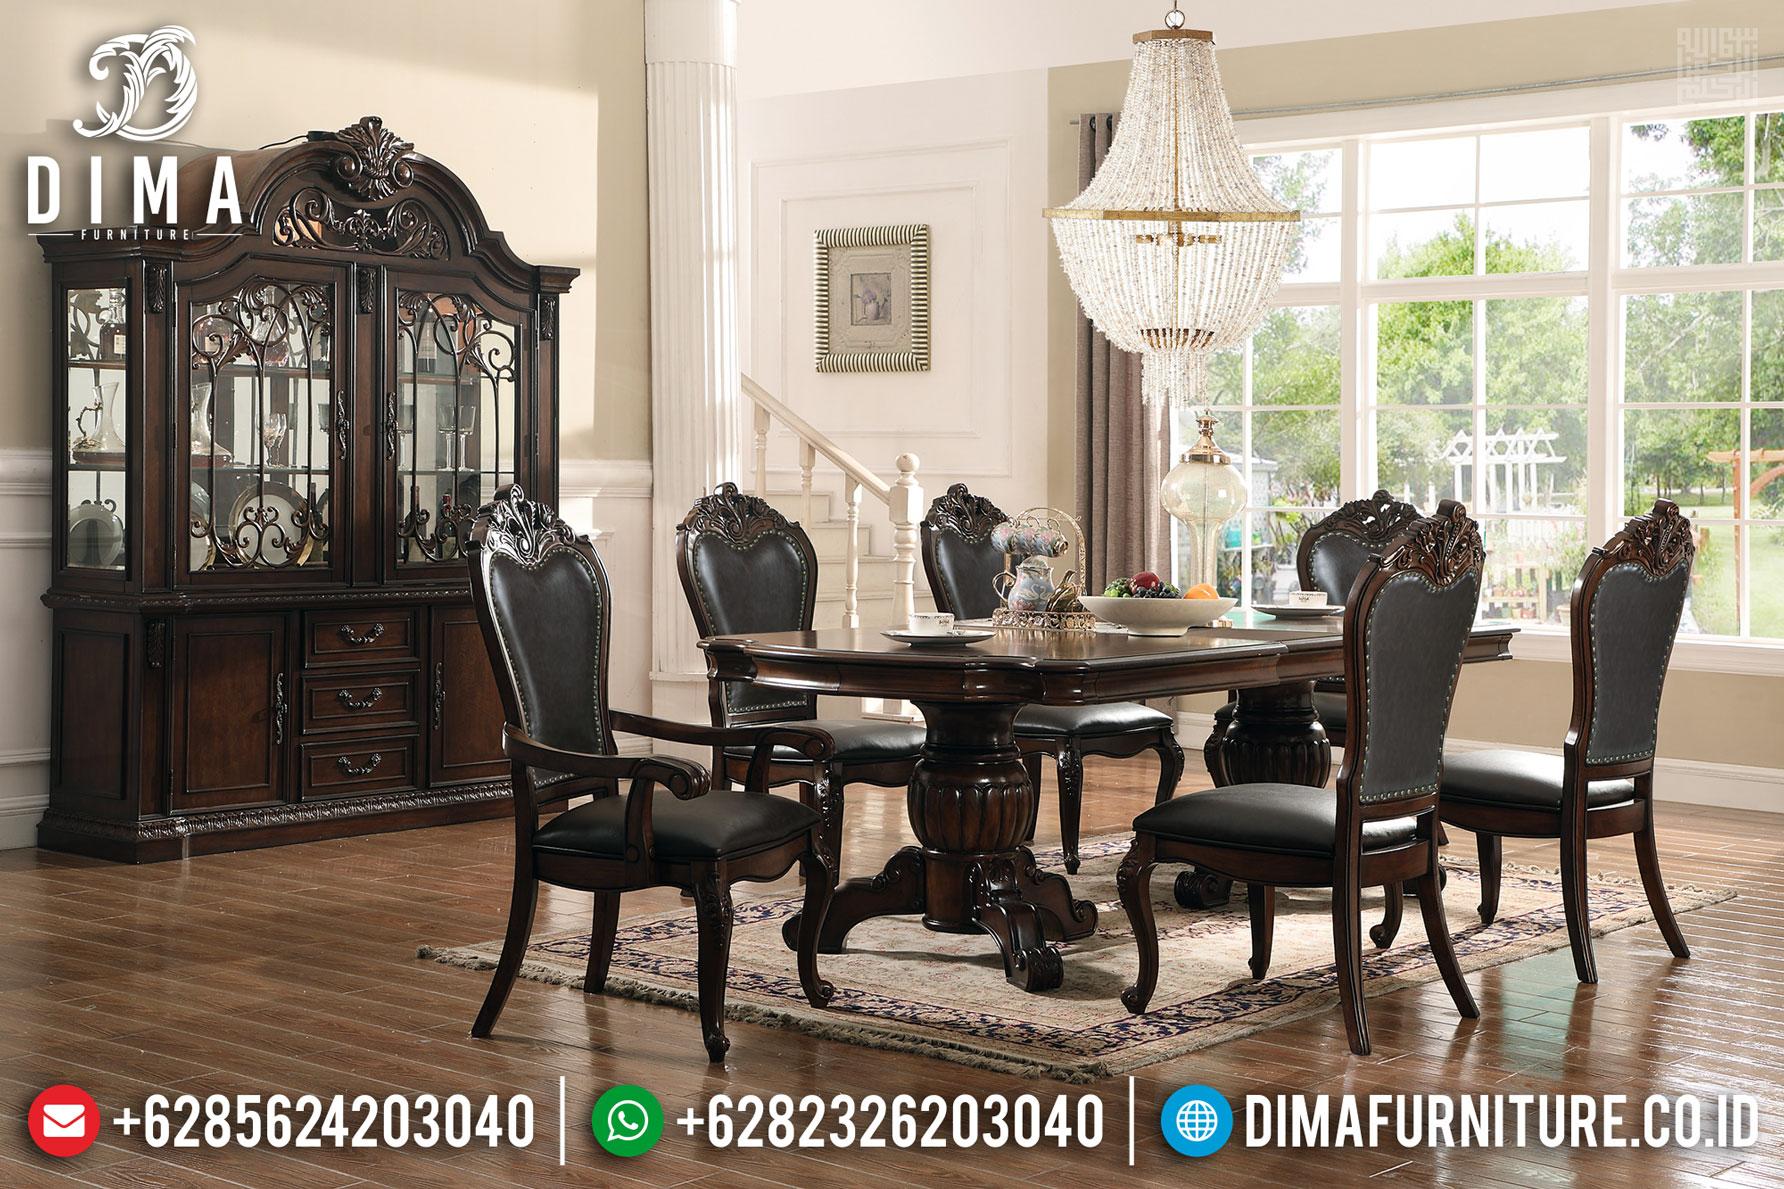 Furniture Jepara Minimalis Set Meja Makan Jati Kursi 6 Natural Salak Brown Glossy MMJ-0416